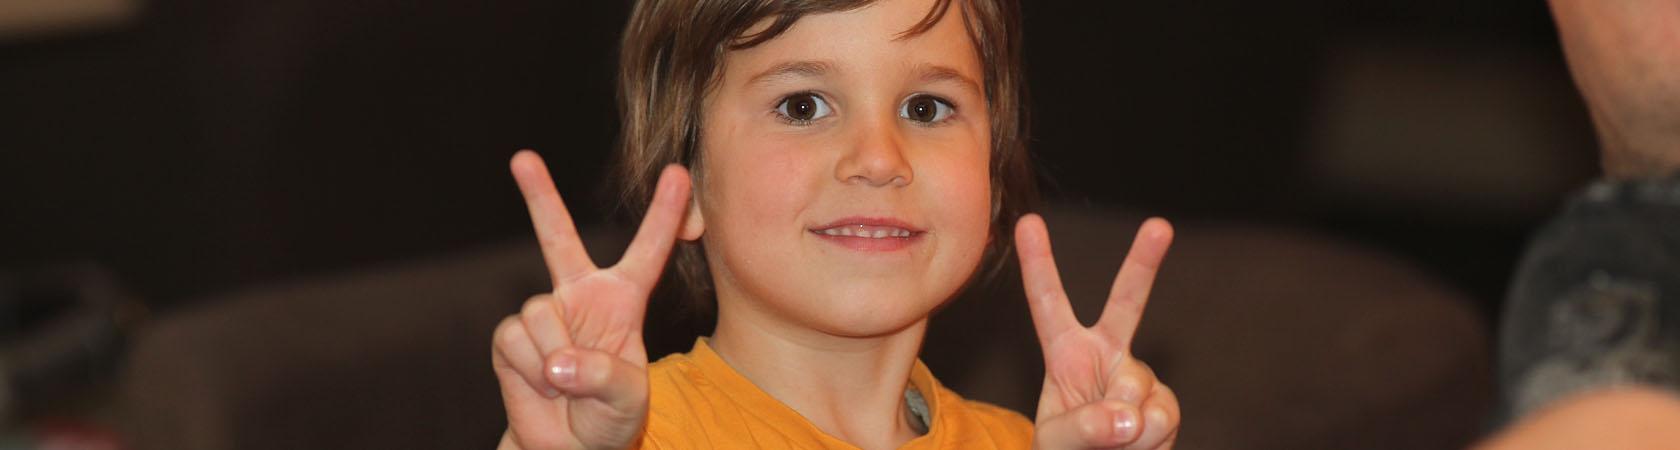 Kleiner Bub zeigt mit beiden Händen das Victory-Zeichen